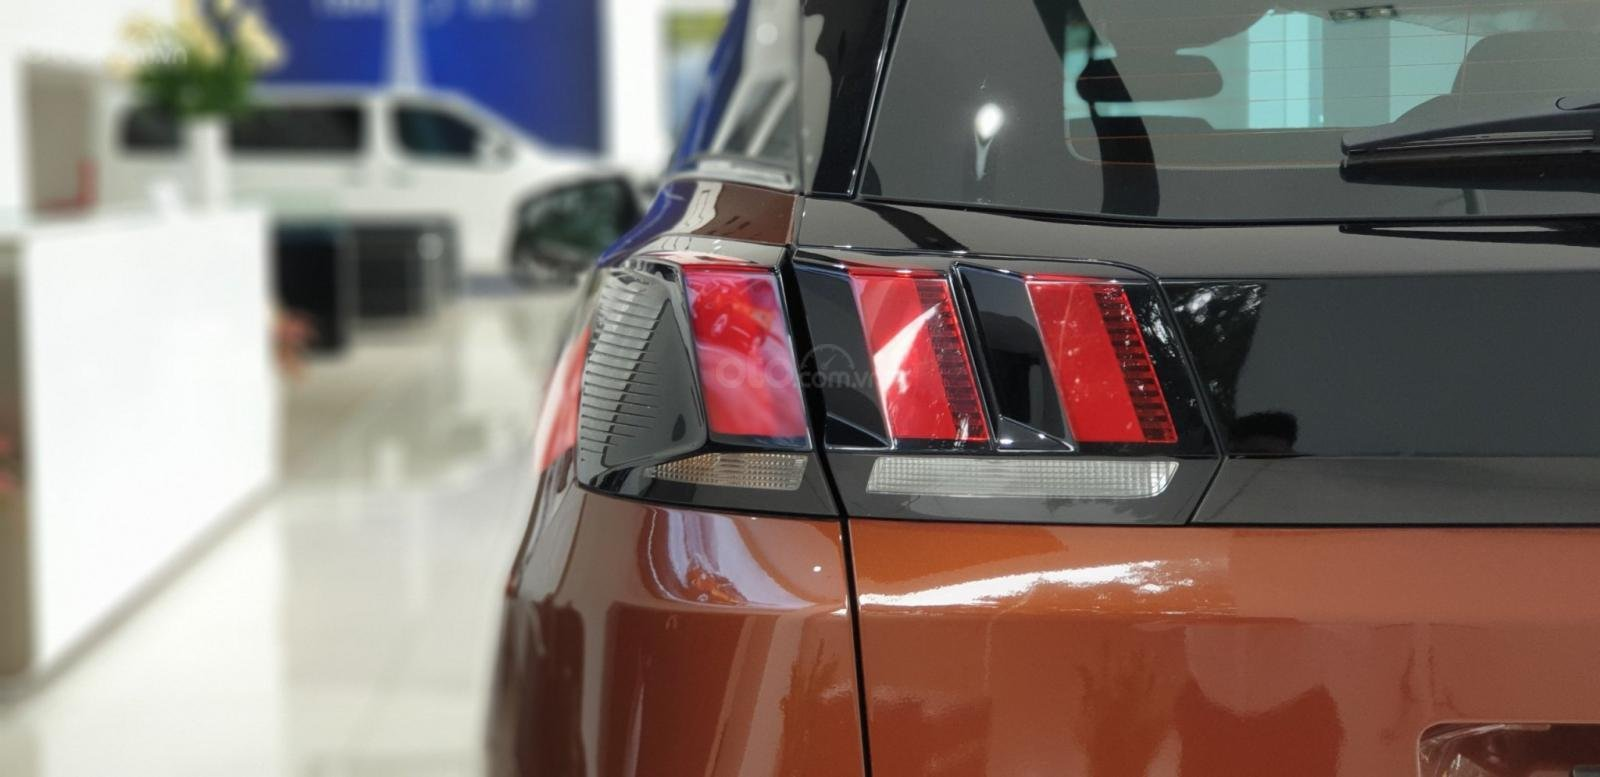 Peugeot Thanh Xuân - Peugeot 3008 AN giá tốt nhất thị trường + bảo hành chính hãng lên tới 5 năm (4)